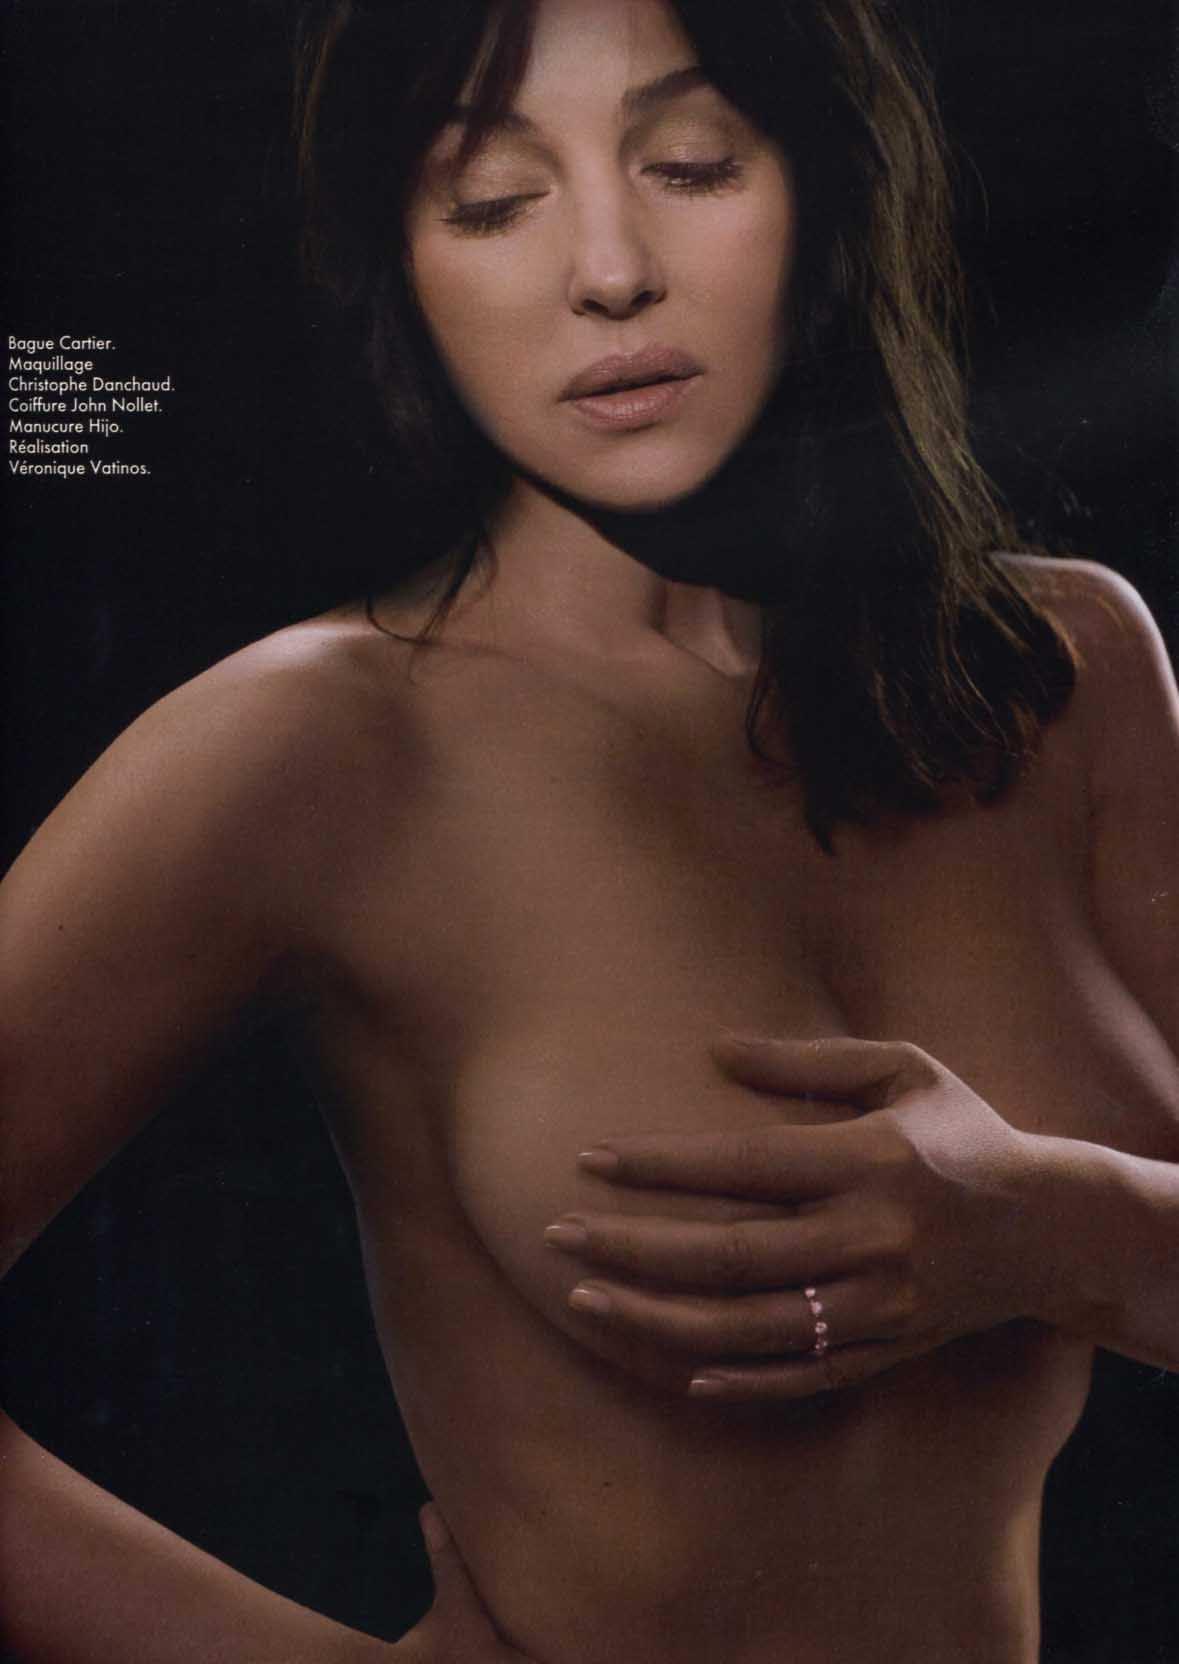 【外人】イタリア人女優モニカ・ベルッチ(Monica Bellucci)の大胆おっぱい露出ポルノ画像 4216